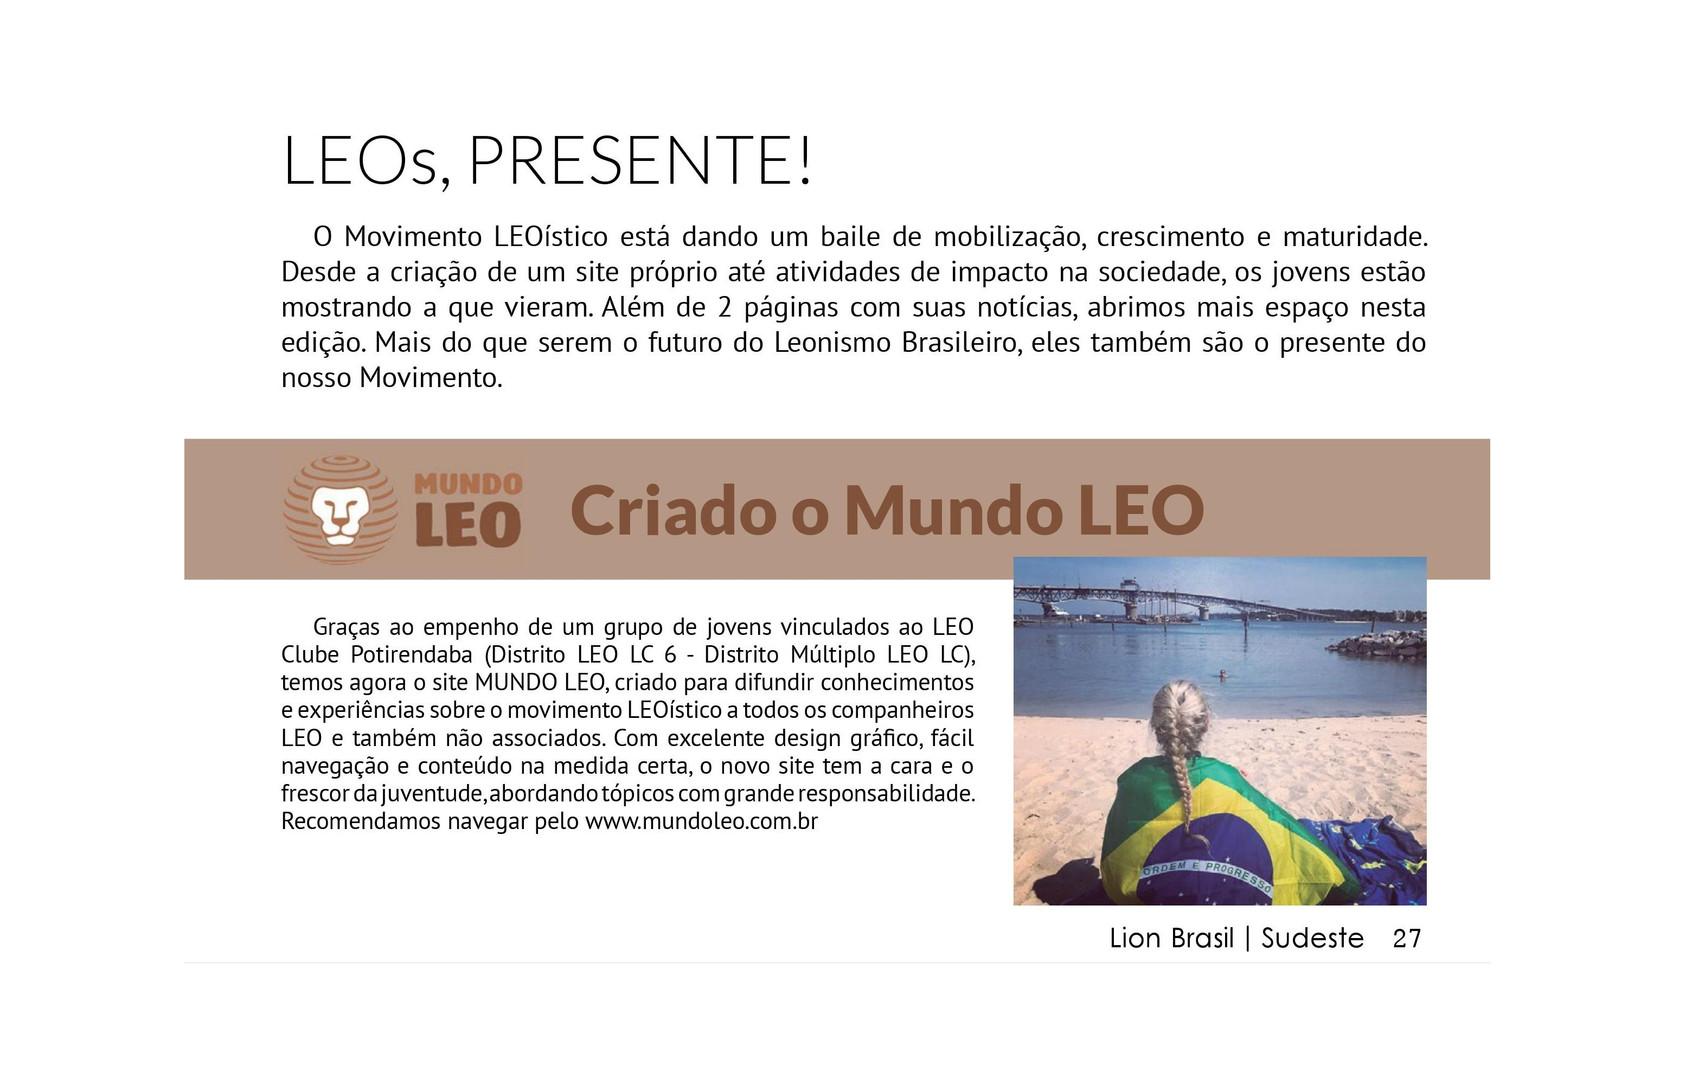 Menção ao Mundo LEO durante a edição nº 106 da Revista Lion Brasil Sudeste.